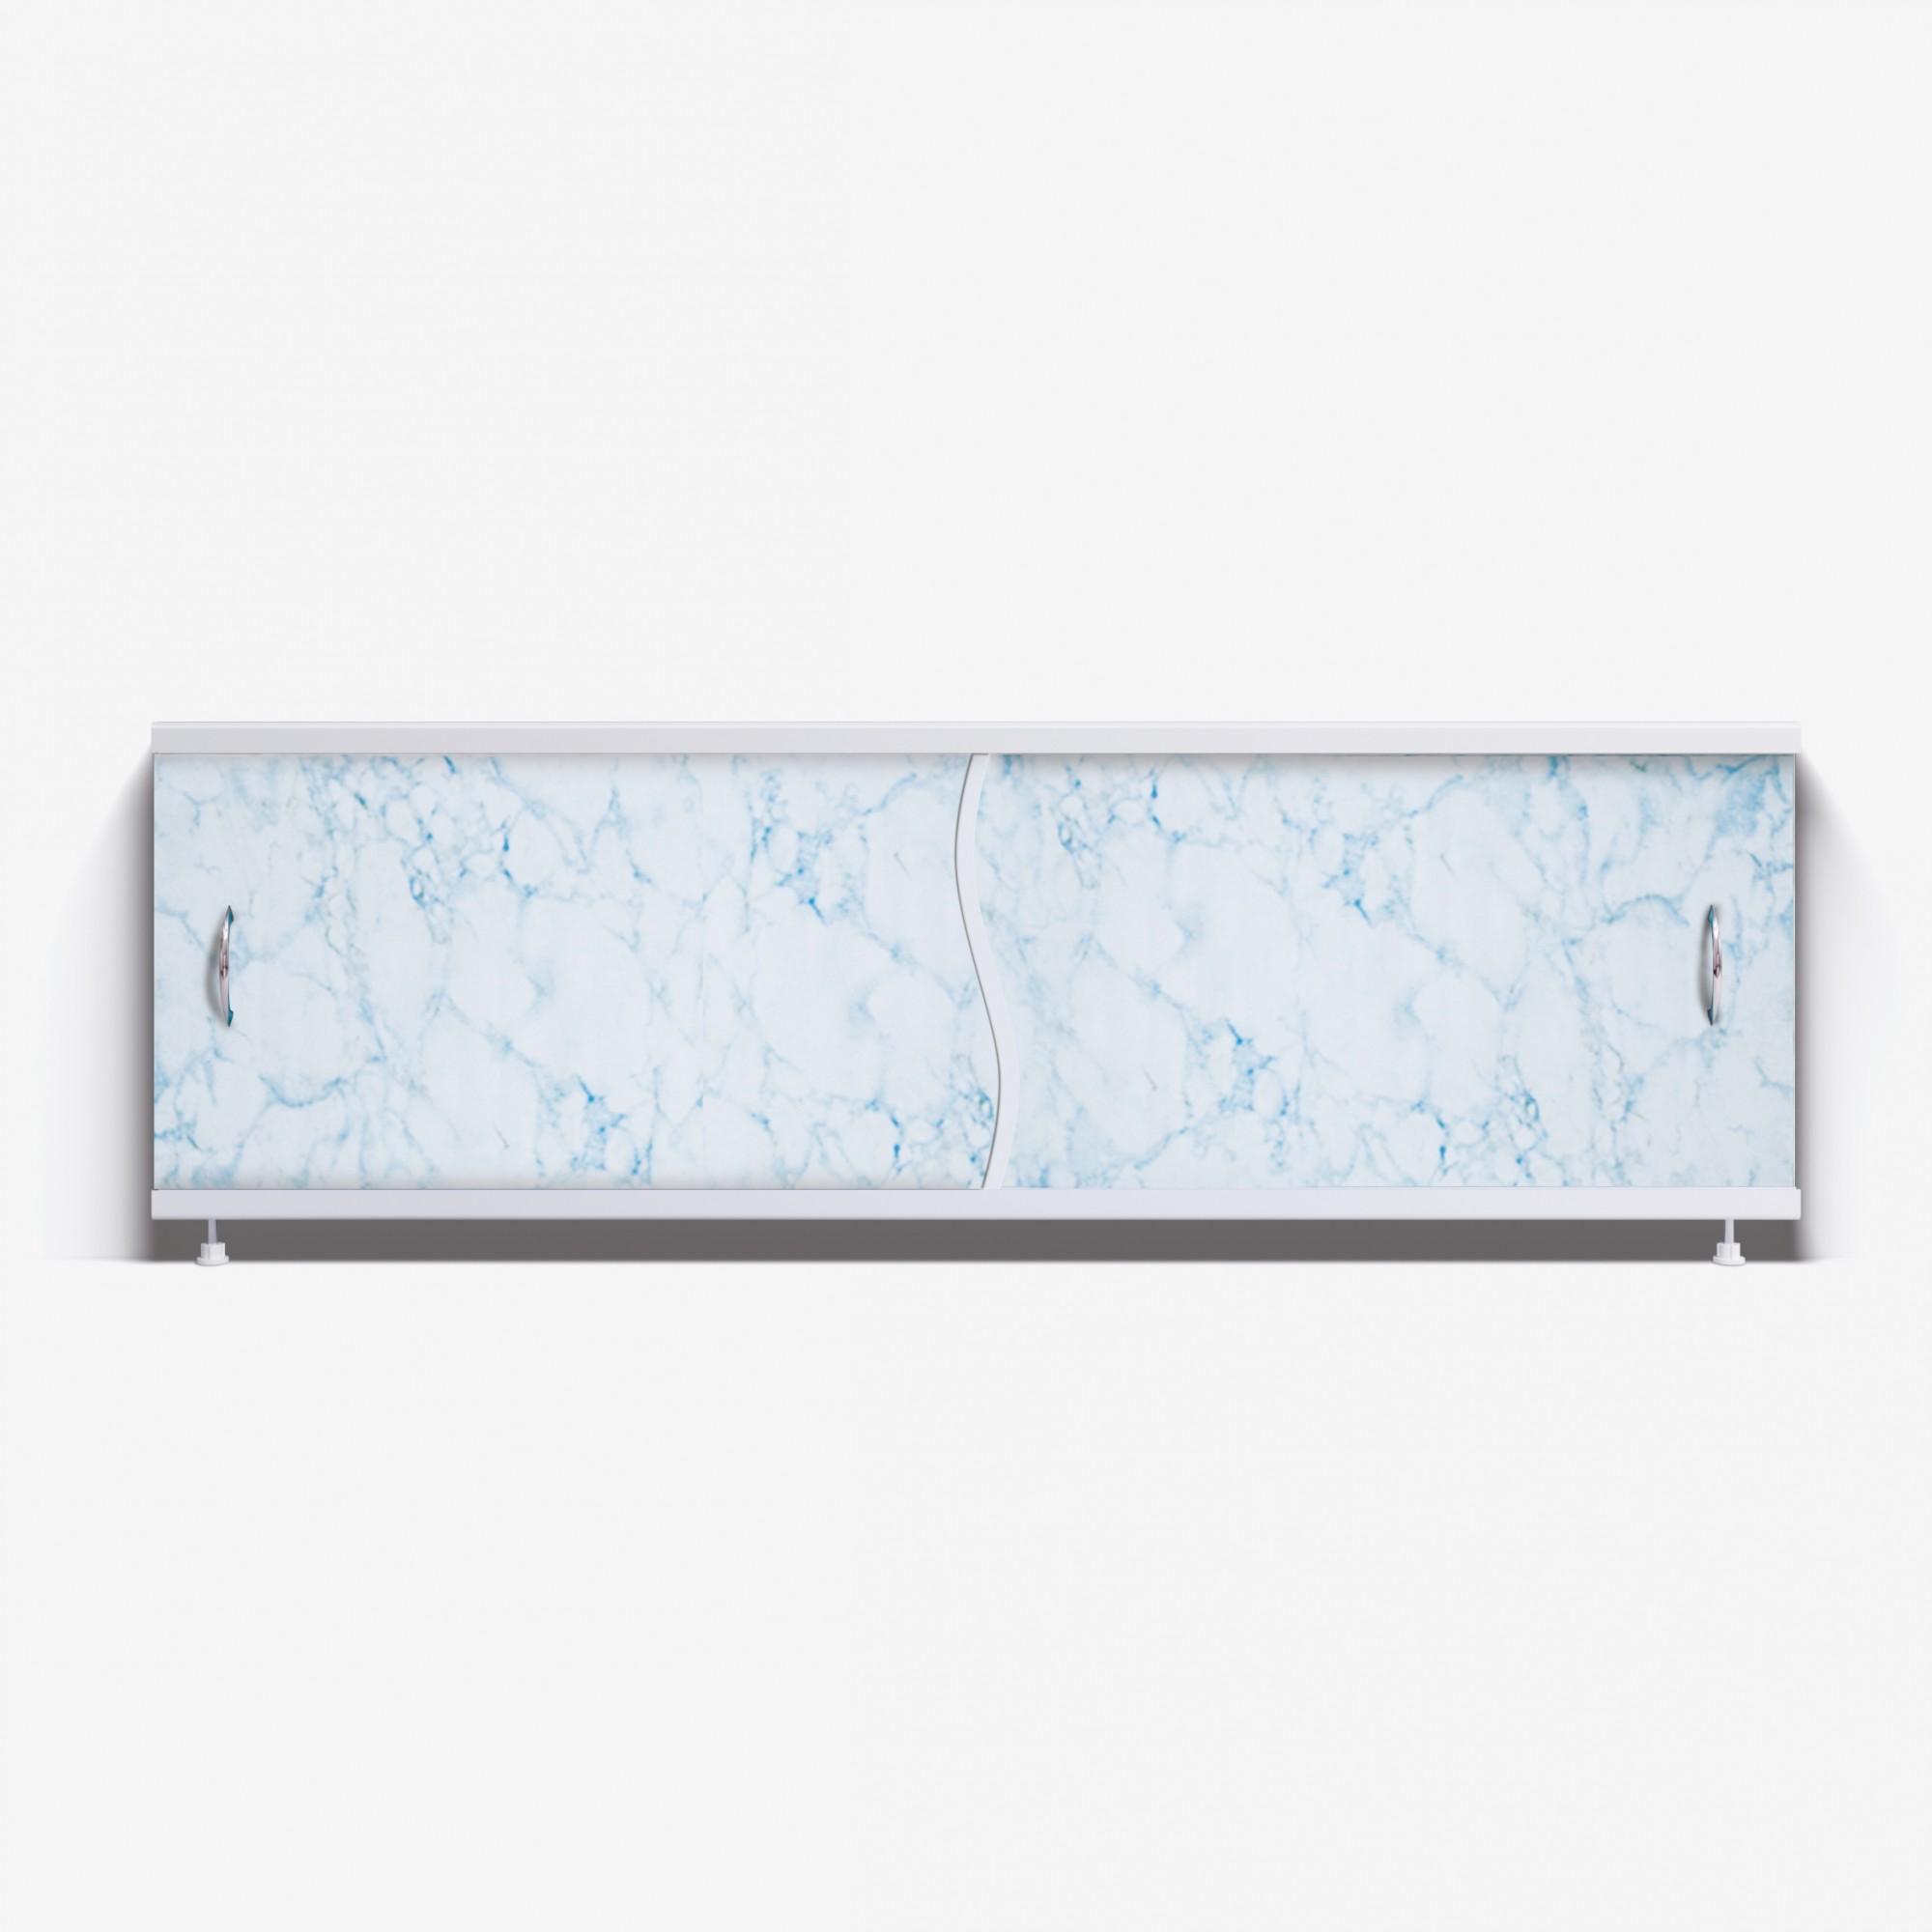 Экран под ванну Премьер 170 бело-голубой мрамор